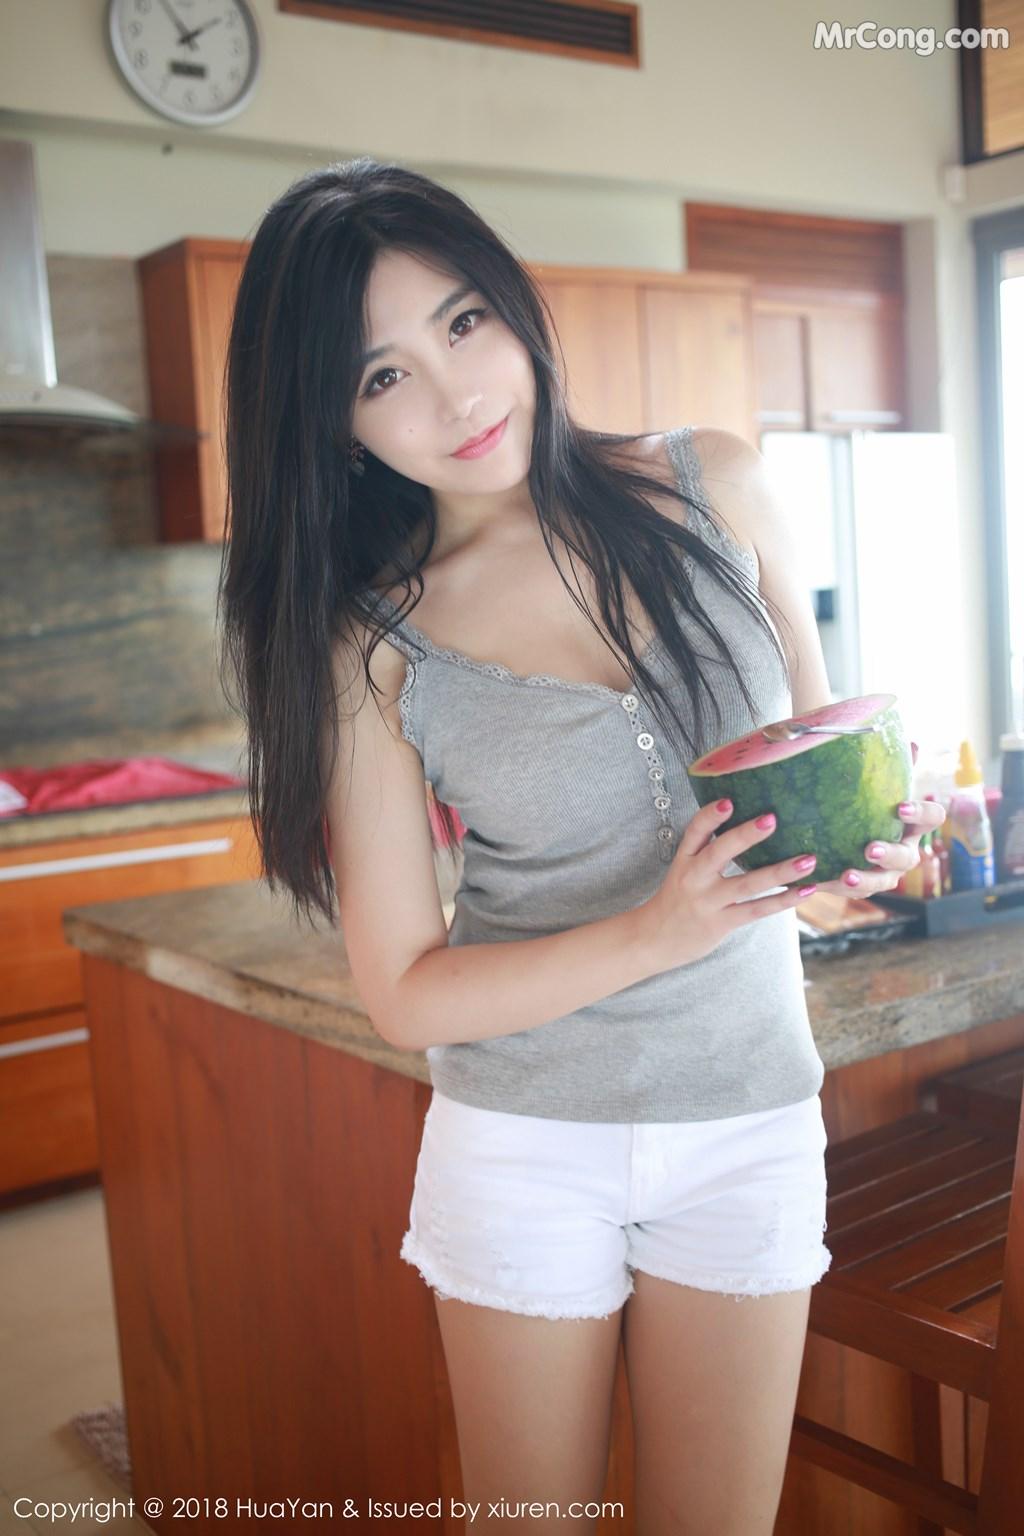 Image HuaYan-Vol.054-Sabrina-Xu-Nuo-MrCong.com-005 in post HuaYan Vol.054: Người mẫu Sabrina (许诺) (31 ảnh)